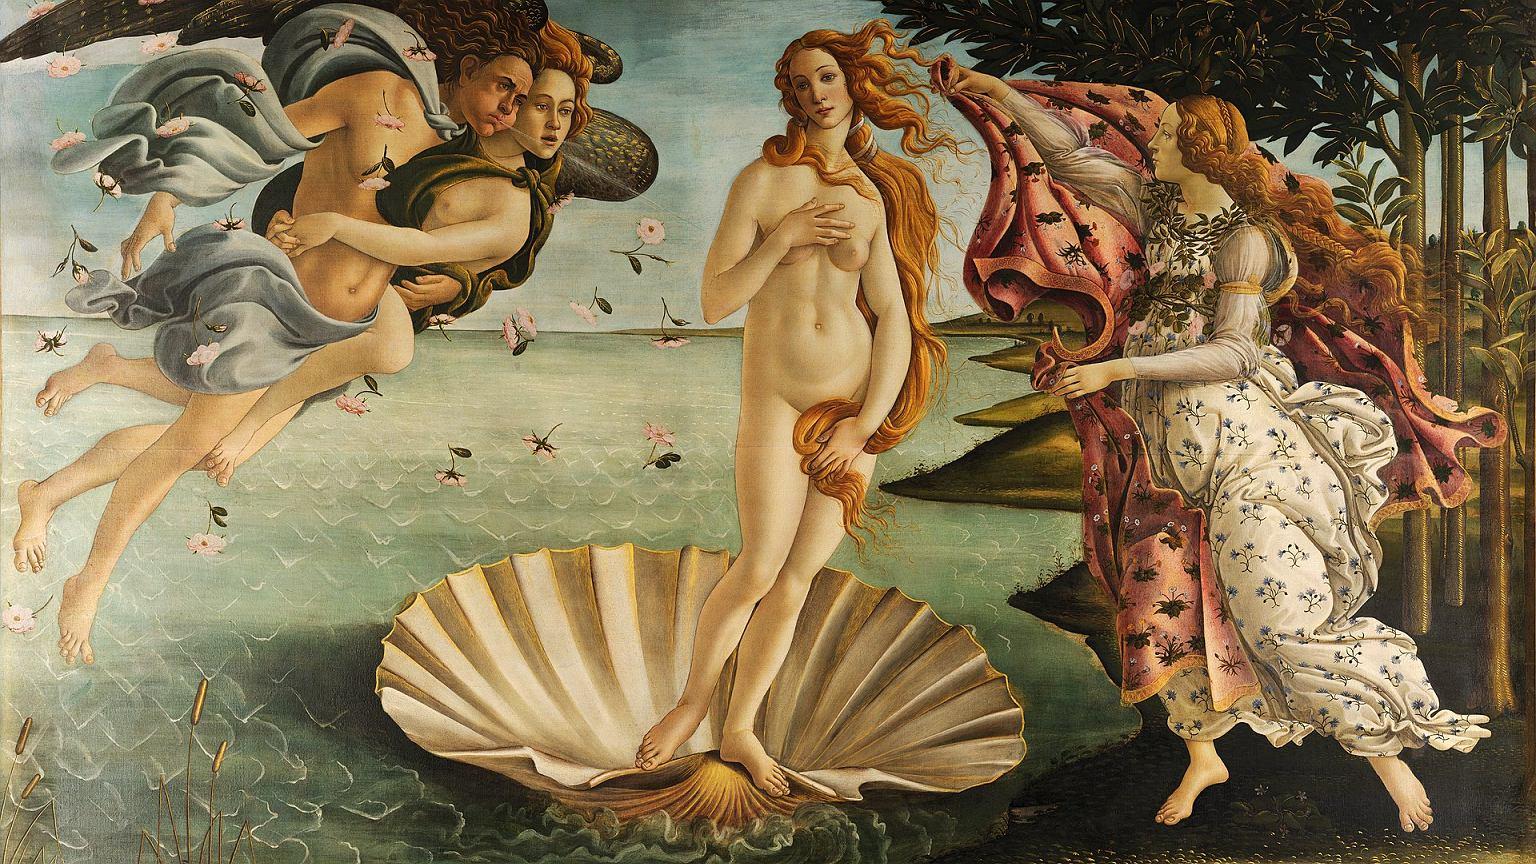 Sztuka renesansowa - cechy, przykłady i najwybitniejsi przedstawiciele